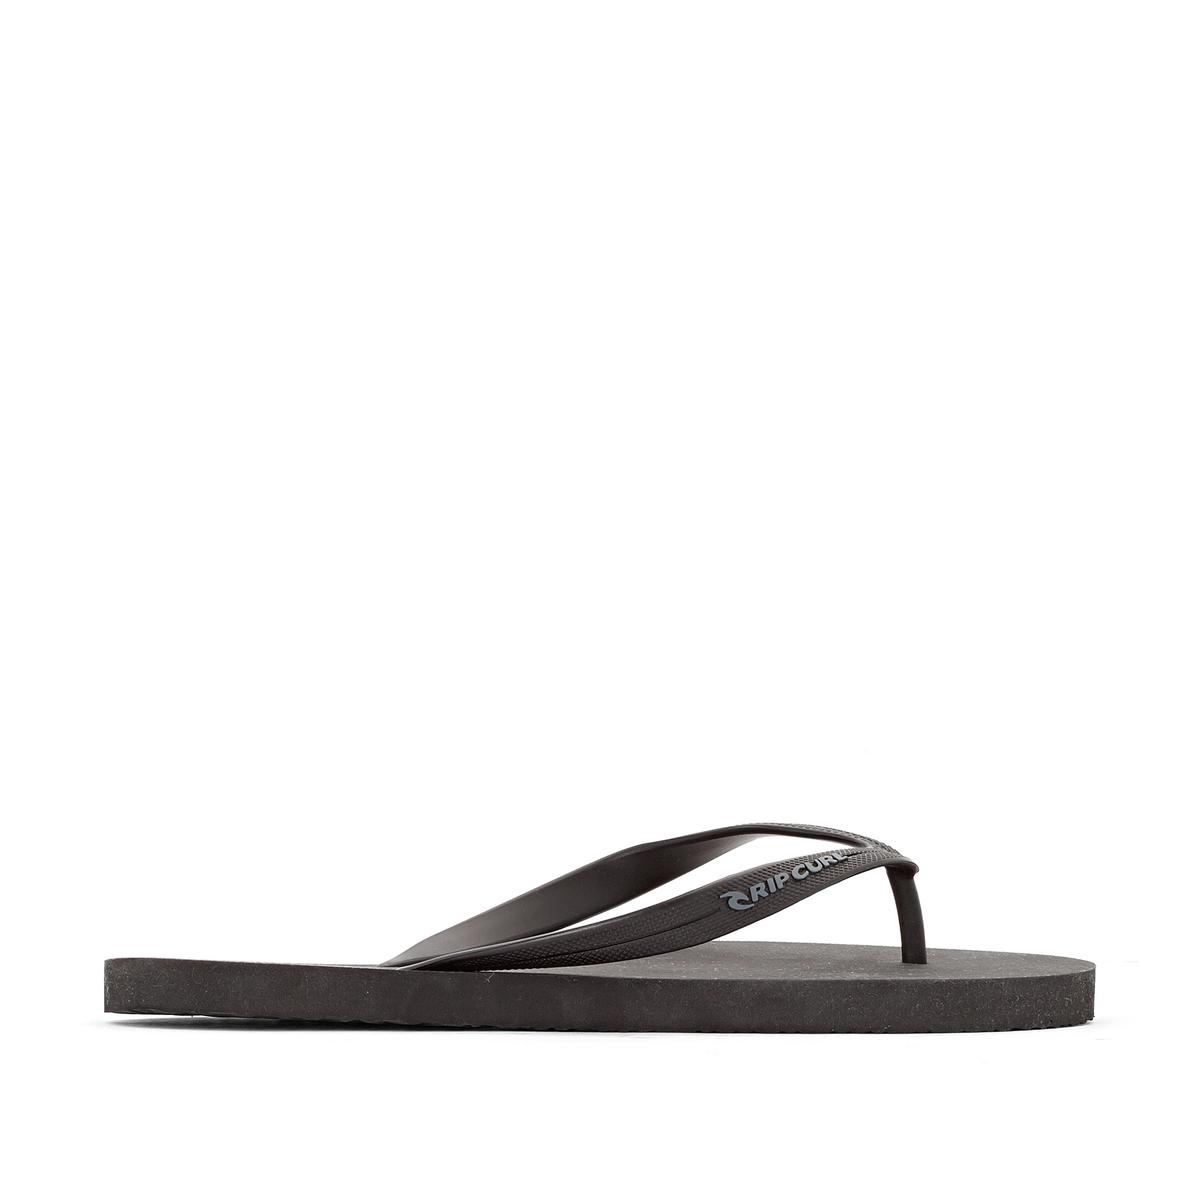 Вьетнамки McВерх/Голенище : синтетика     Стелька : синтетика     Подошва : каучук     Форма каблука : плоский каблук     Мысок : открытый мысок     Застежка : без застежки<br><br>Цвет: черный<br>Размер: 46